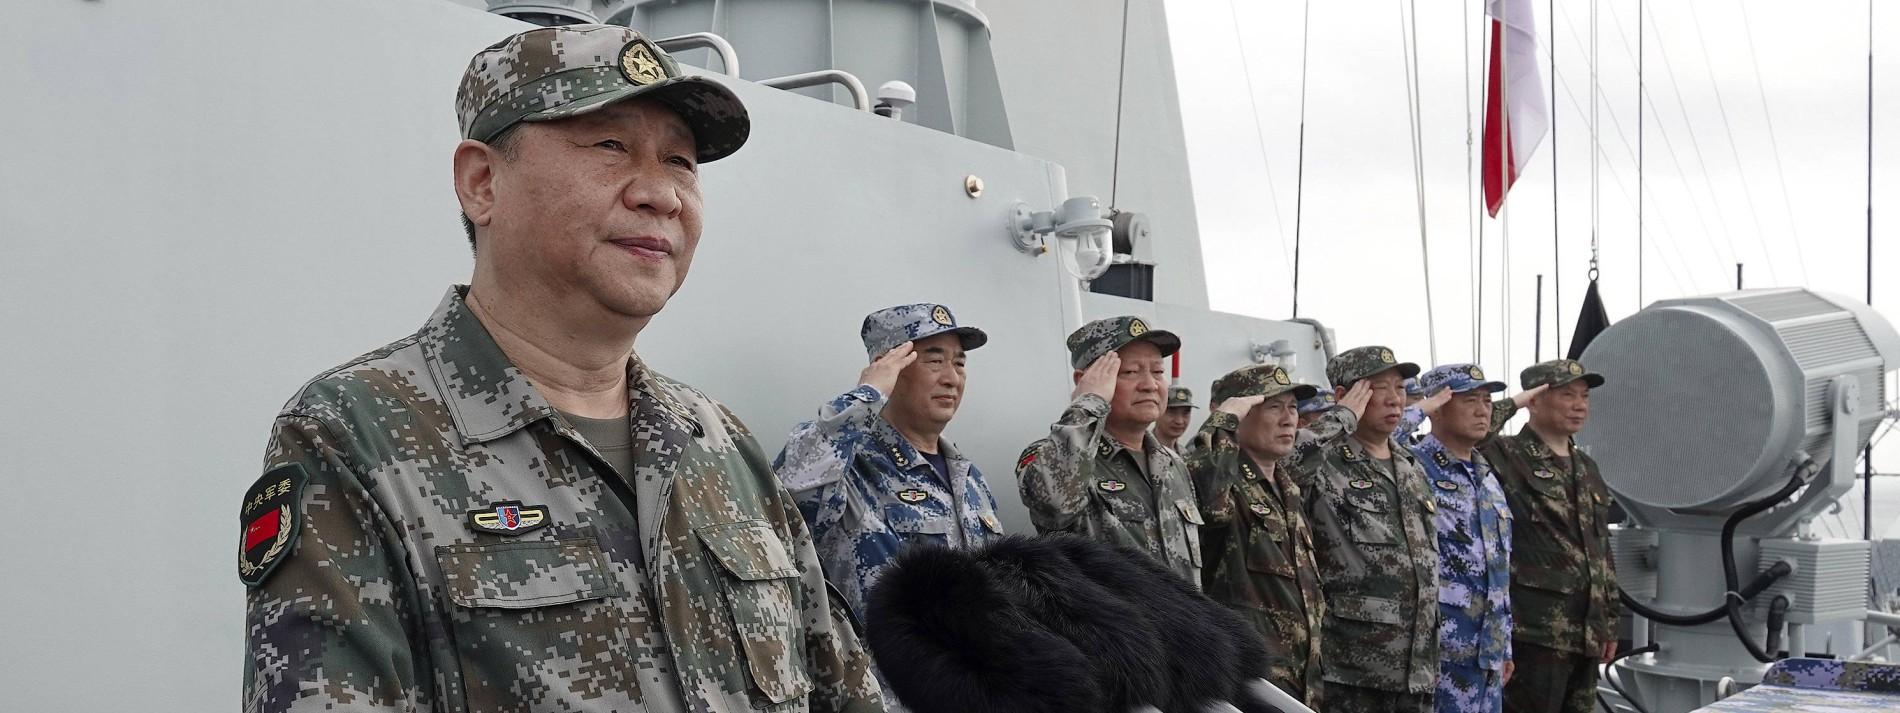 Chinas Kriegsgetöse